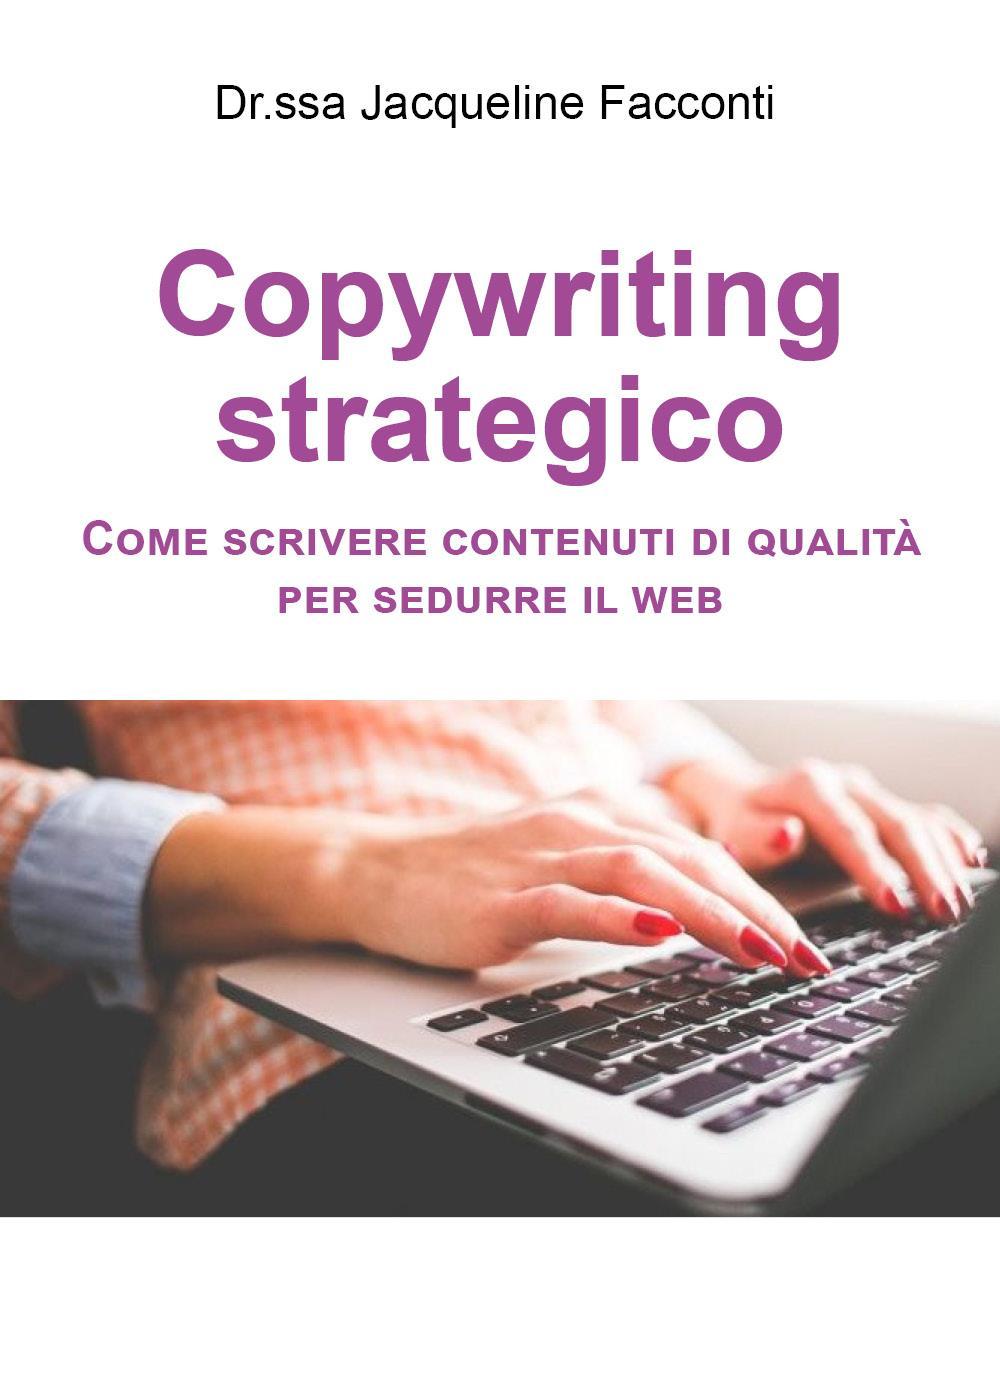 Copywriting strategico: come scrivere contenuti di qualità per sedurre il web